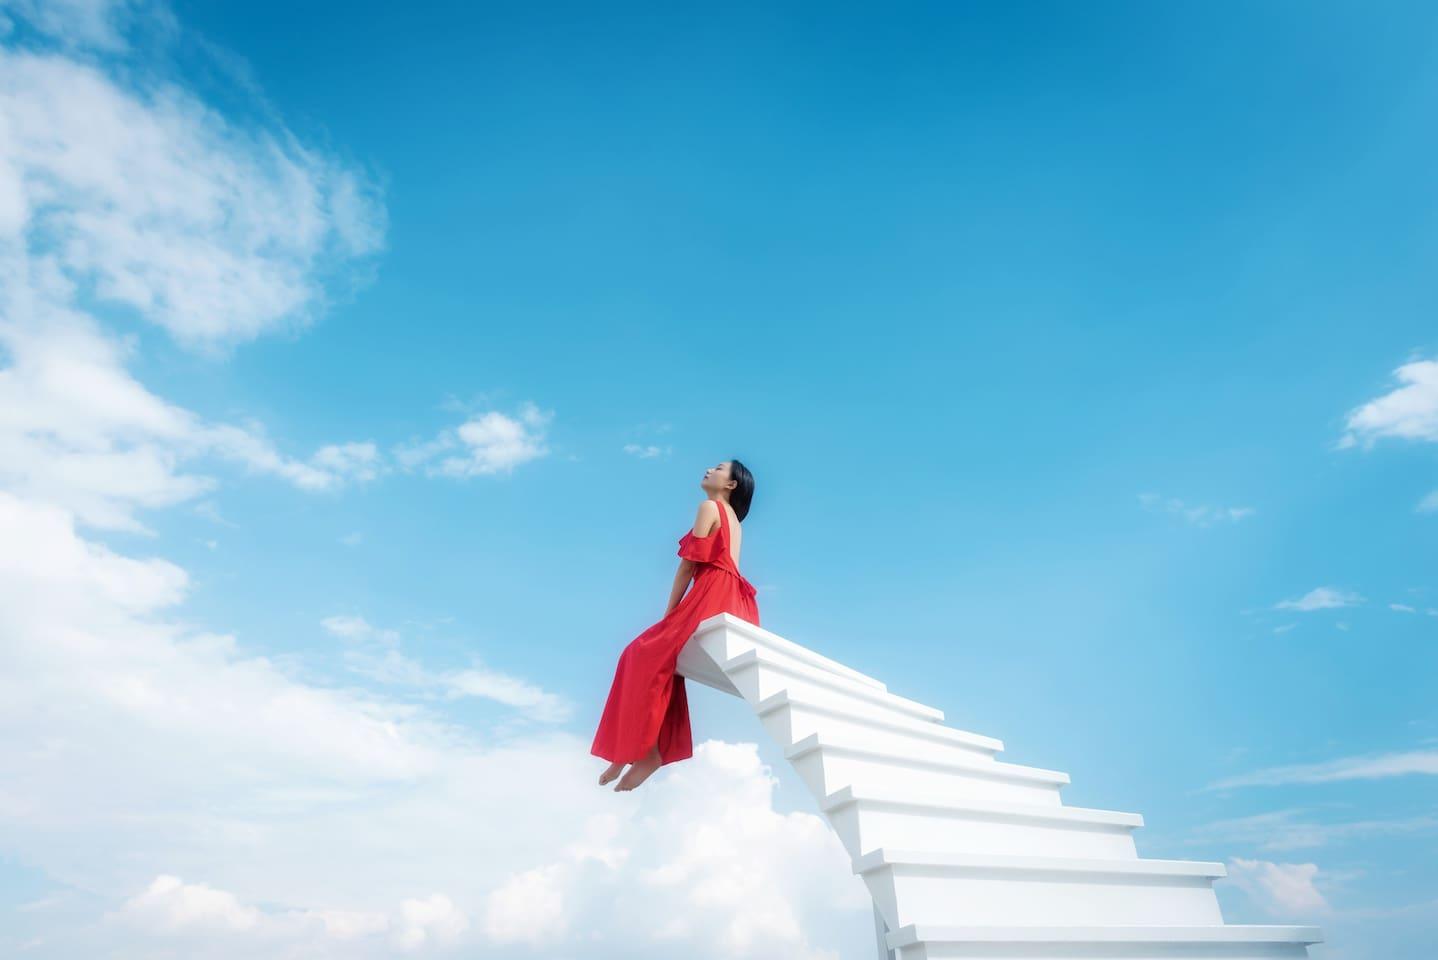 田野美宿专属的网红旋转天梯